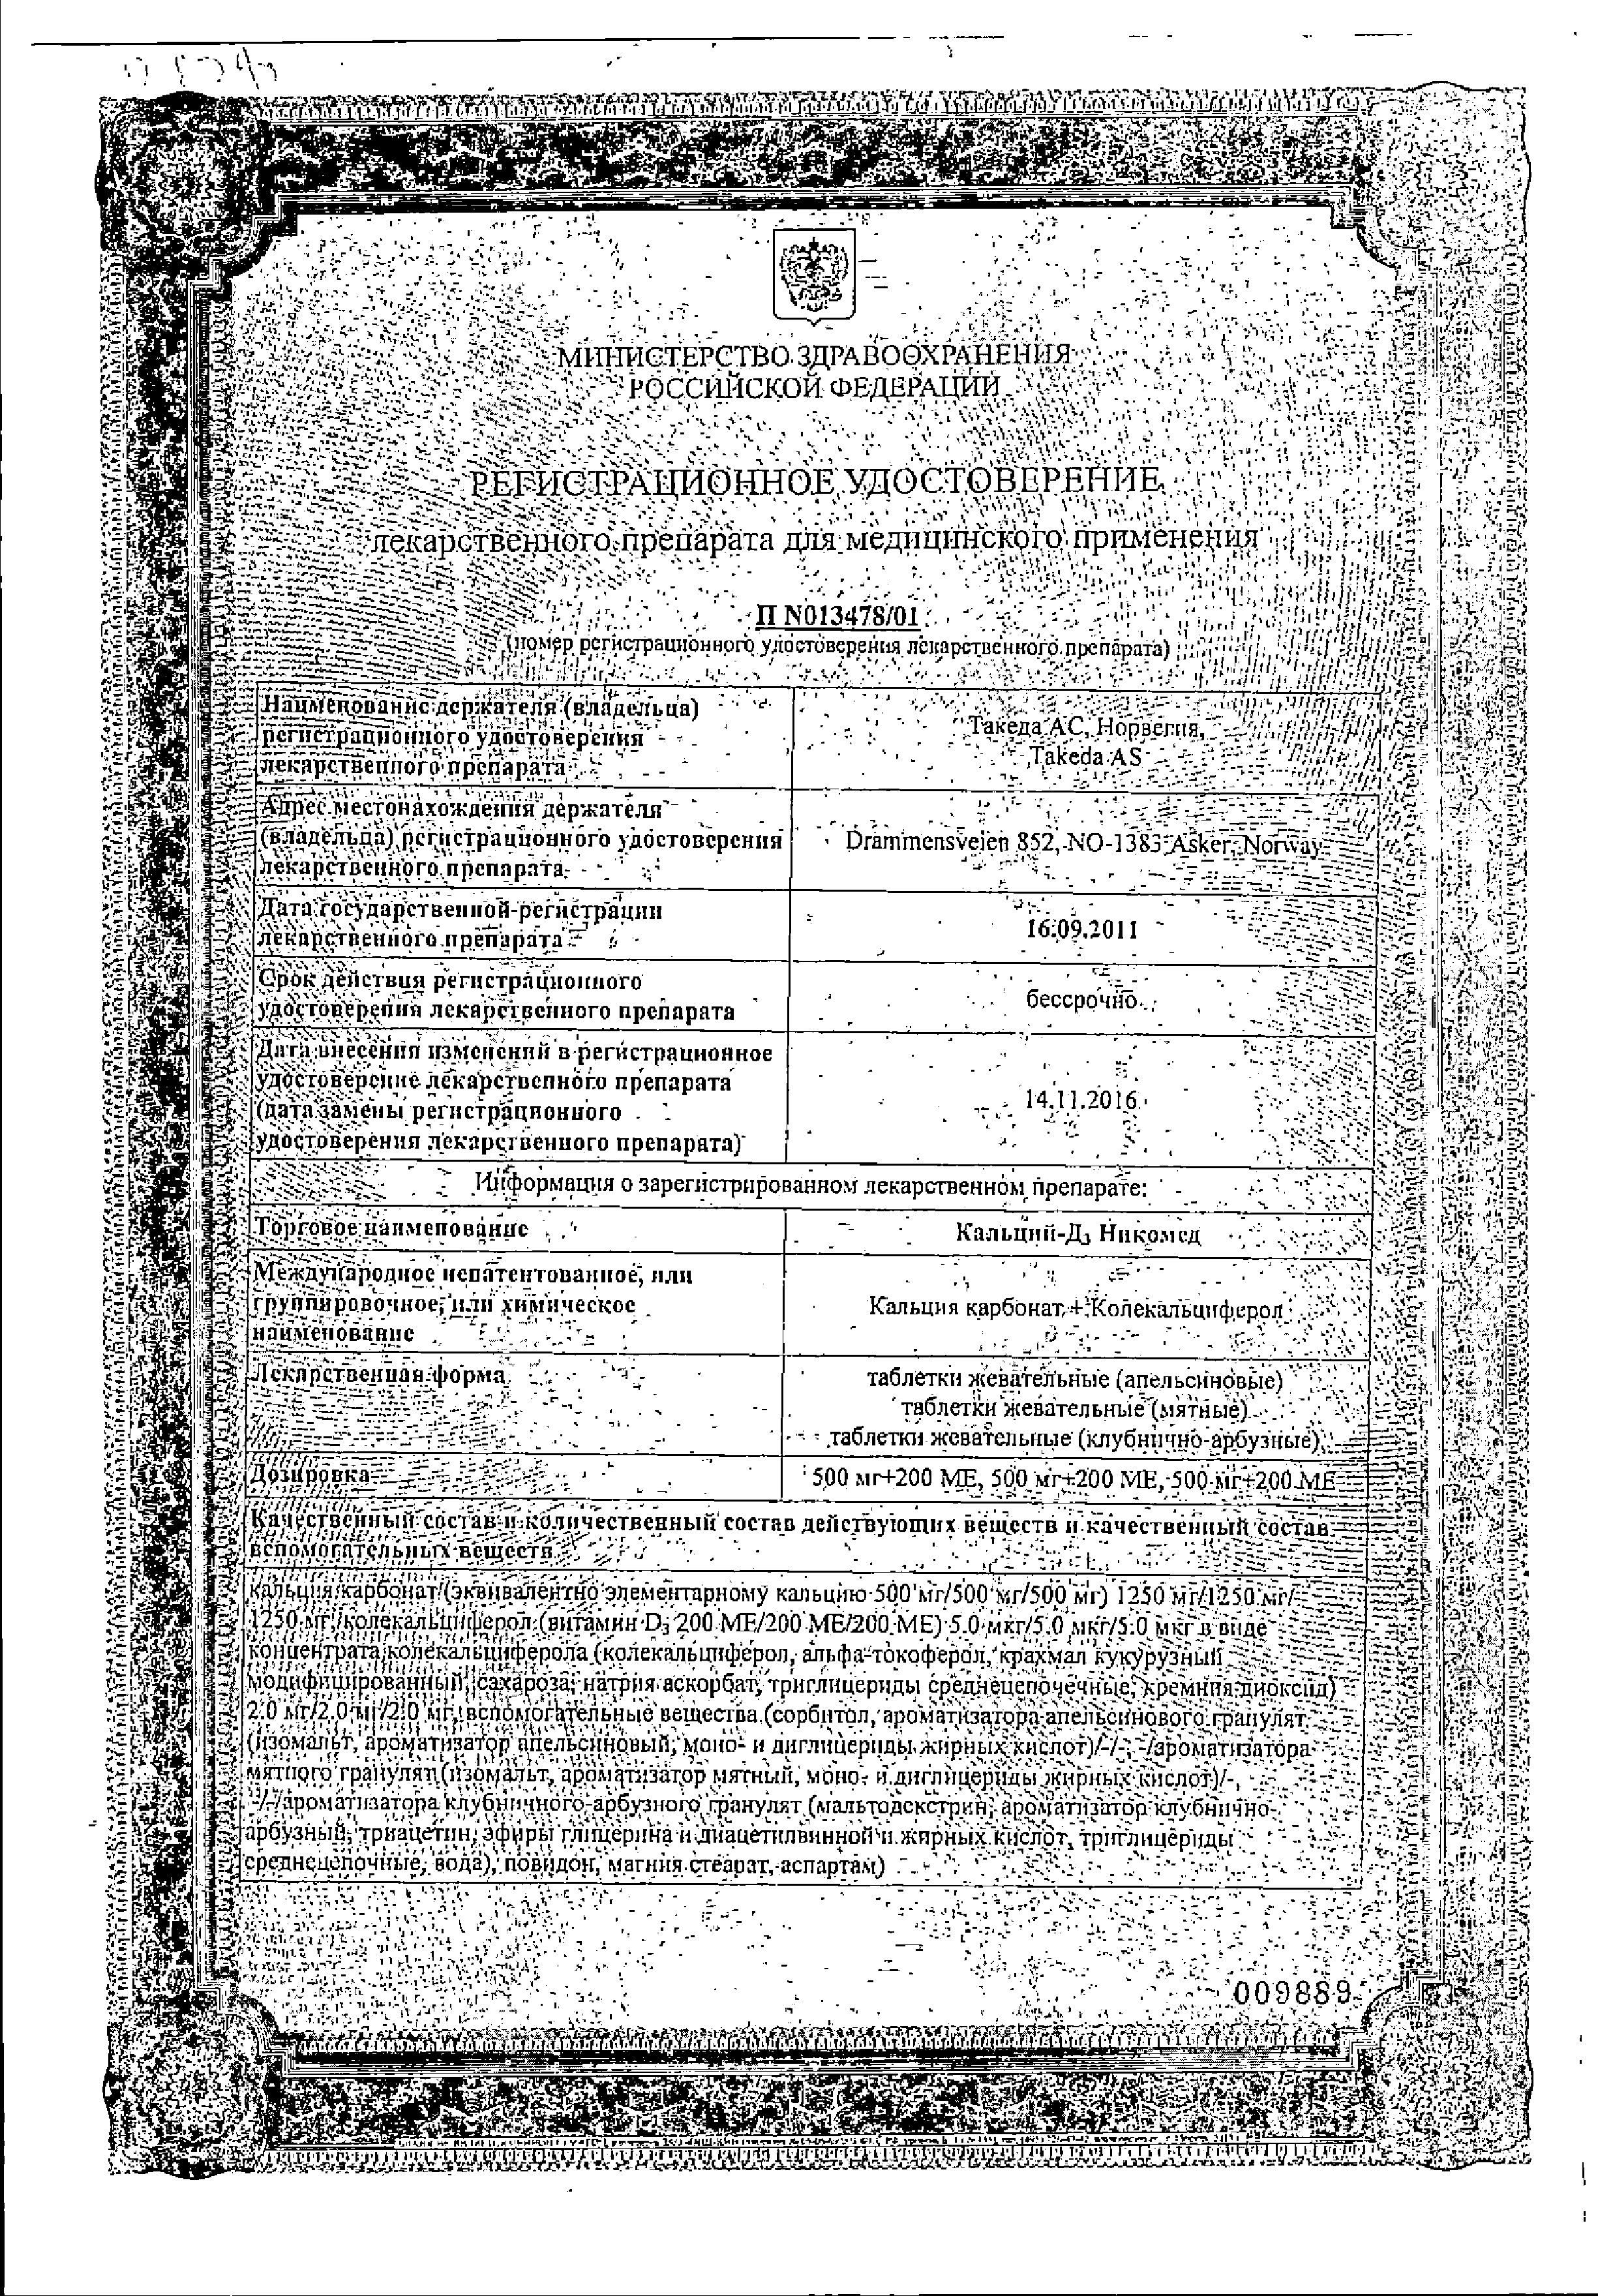 Кальций-Д3 Никомед сертификат